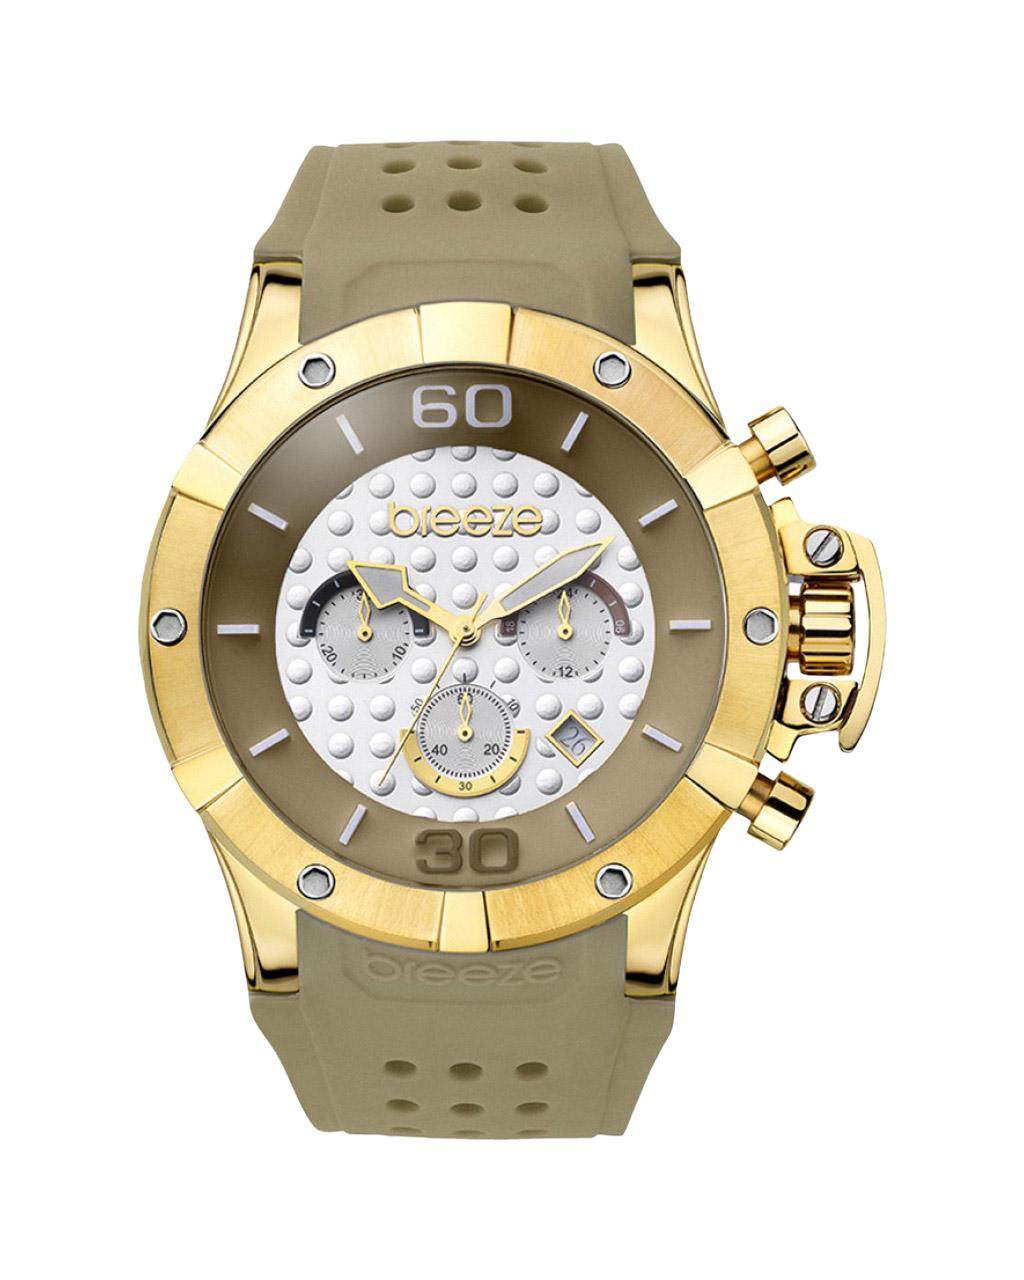 Ρολόι BREEZE 110171.9   προσφορεσ ρολόγια ρολόγια από 100 έως 300ε